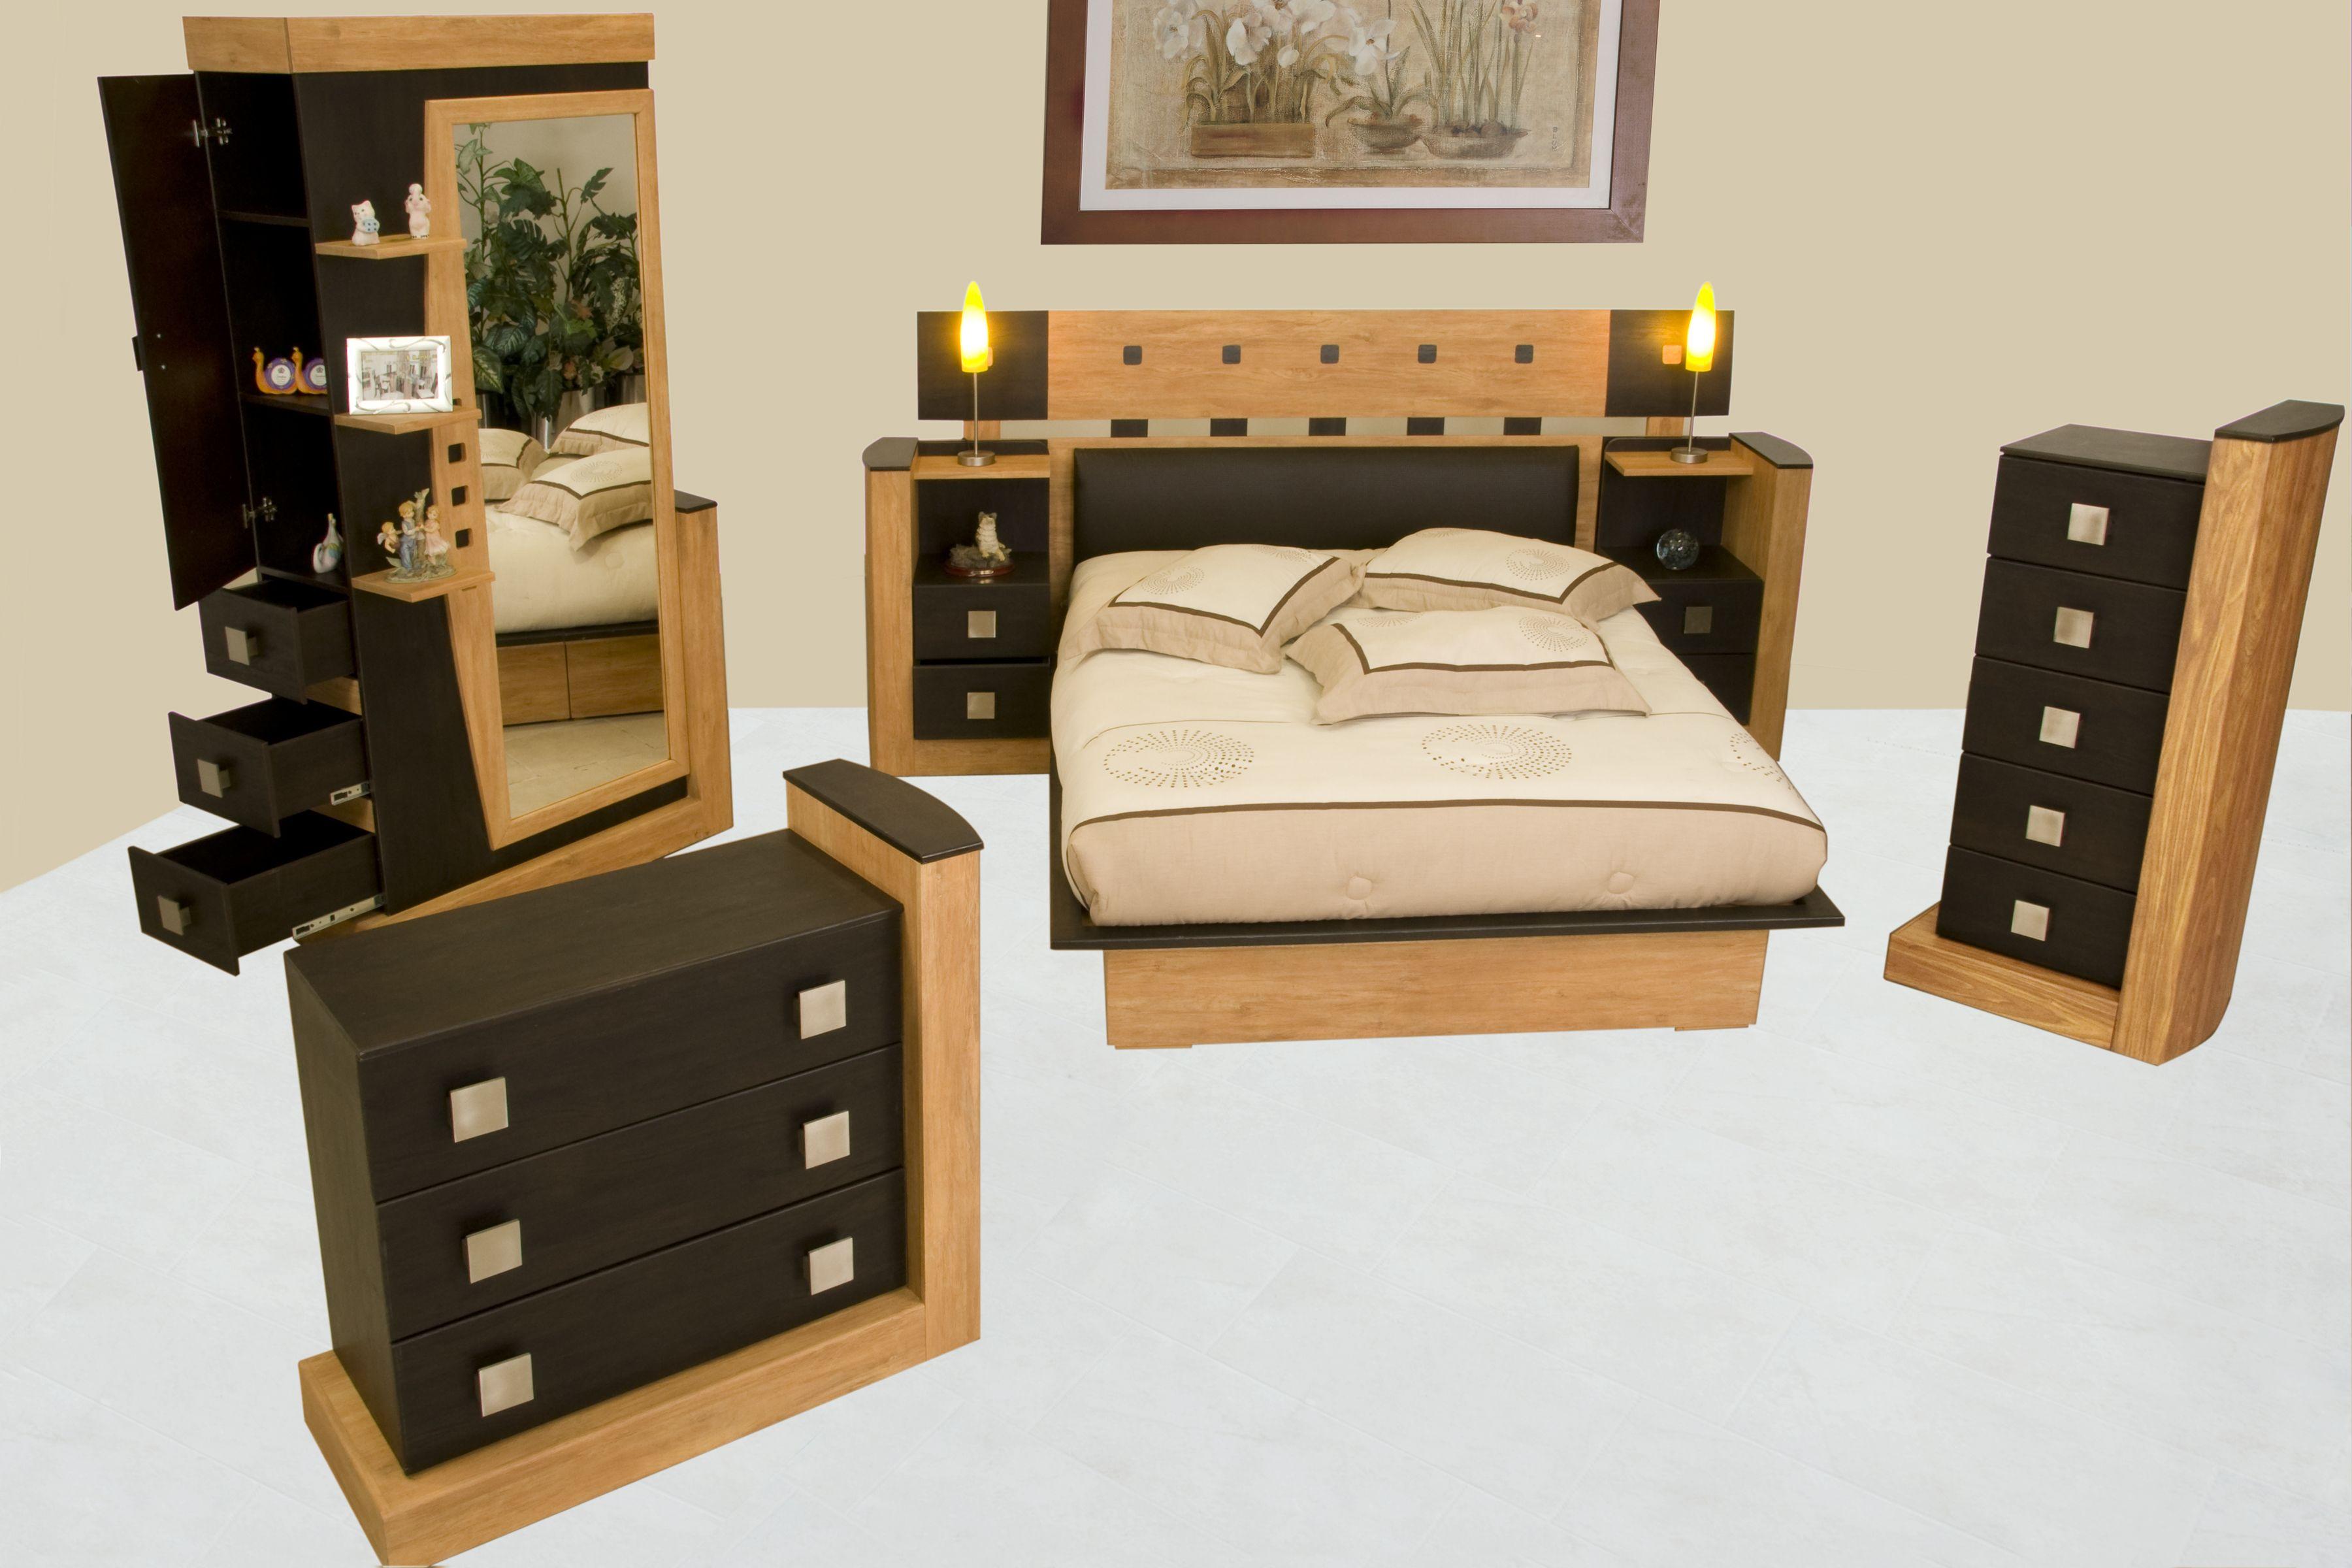 Recamara 4 pzas kenia muebles troncosomuebles troncoso for Muebles modernos precios